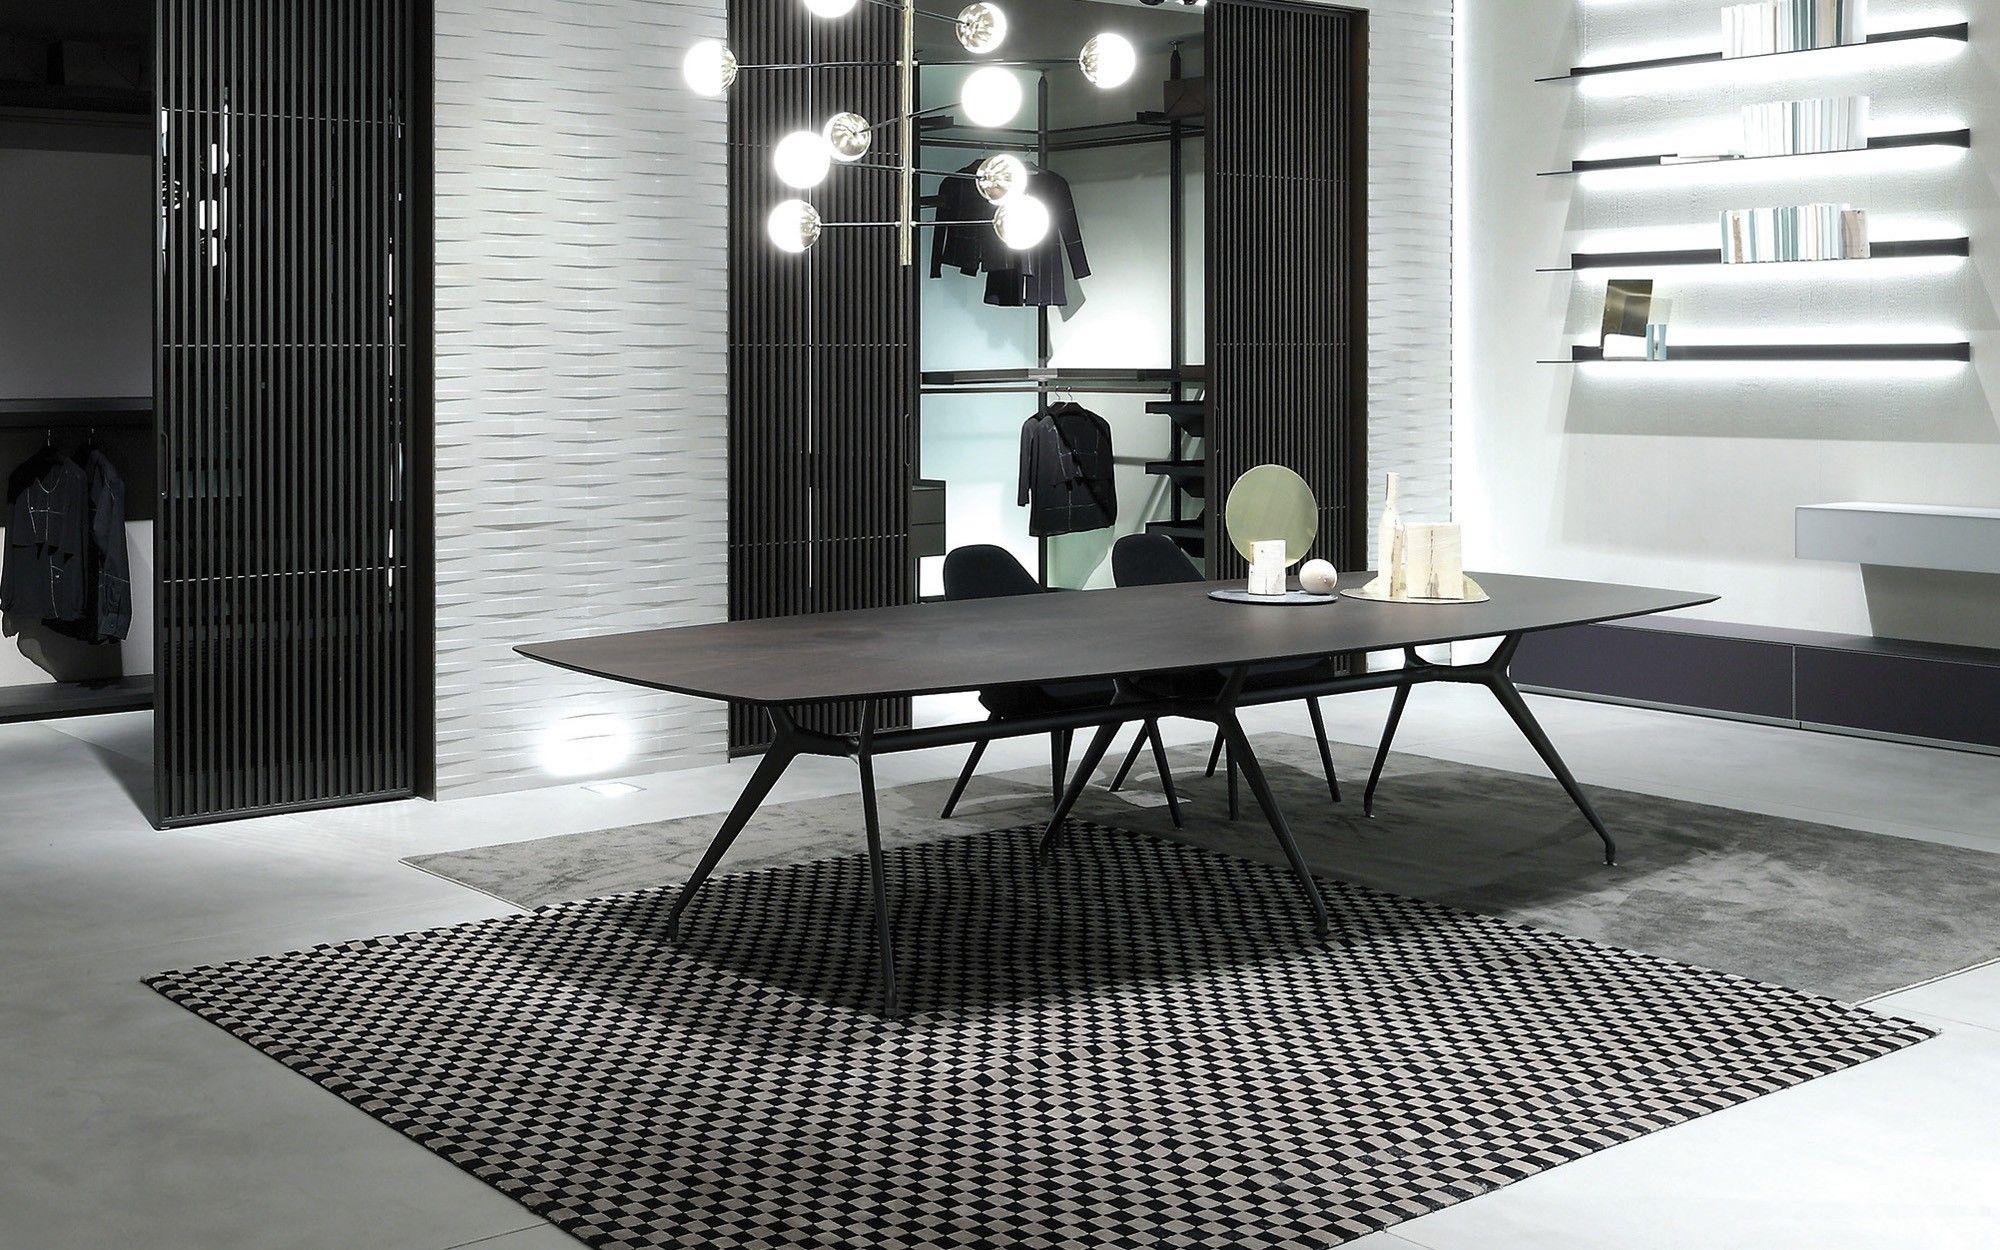 Tavolo Manta Rimadesio.Rimadesio Tavolo Manta Tavoli In 2019 Milan Furniture